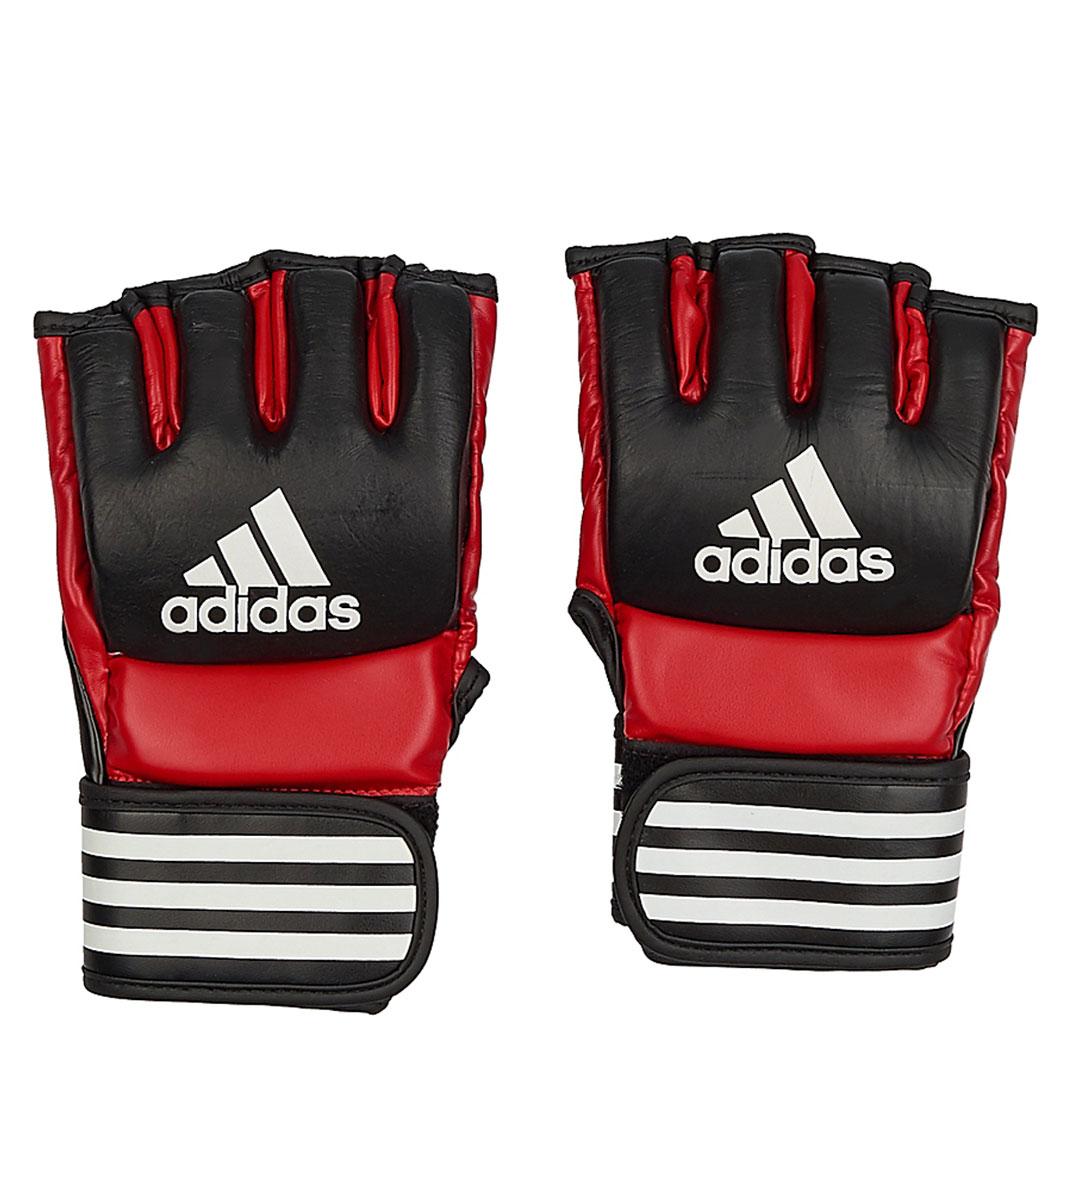 Перчатки для смешанных единоборств Adidas Ultimate Fight, цвет: черный, красный. Размер XL